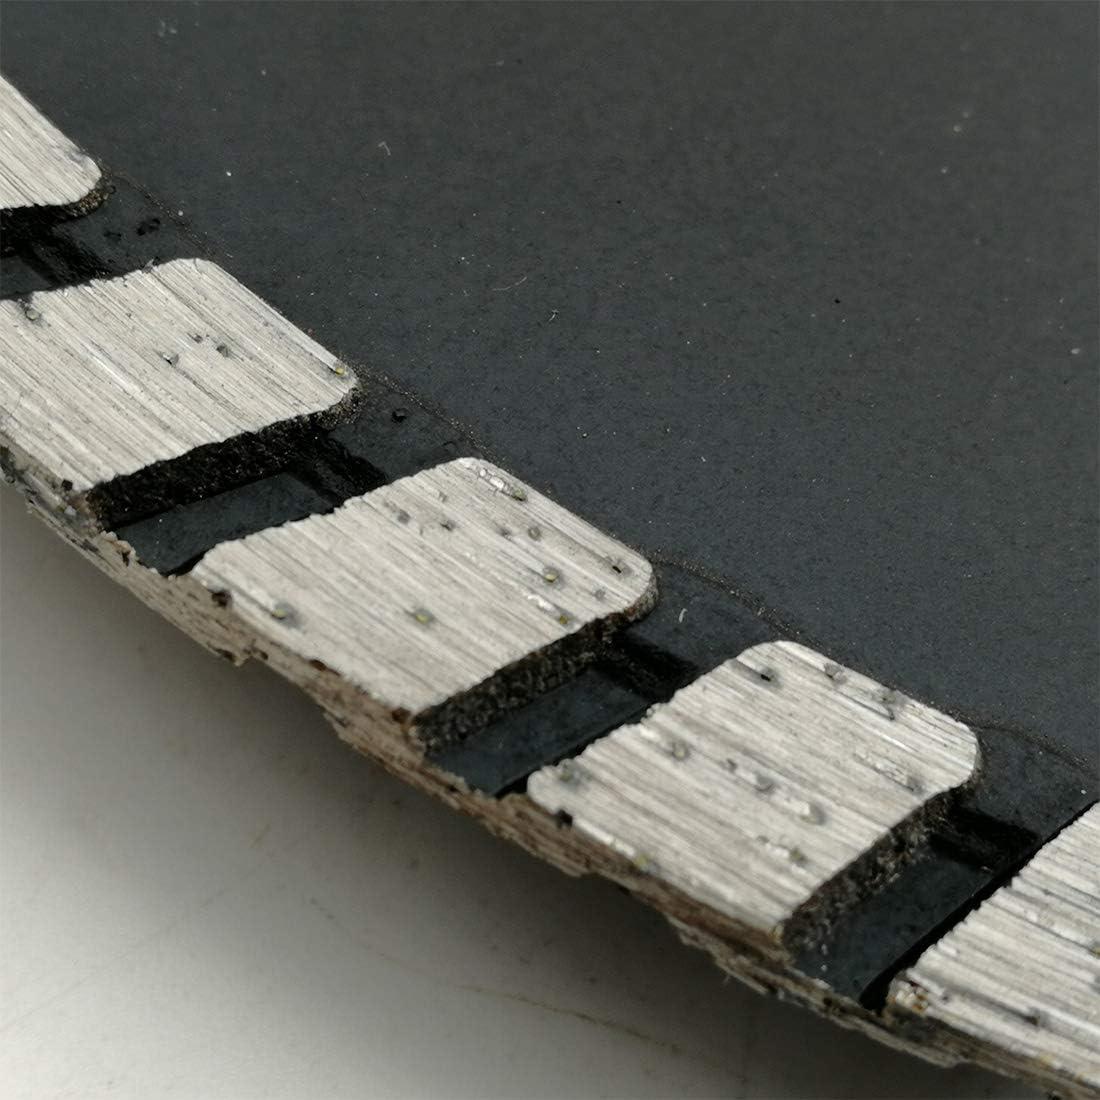 SHDIATOOL Diamant-Trennscheibe 180mm x M14 mit Turbo schr/ägen Schutzz/ähnen f/ür Beton Backstein Fliese Granit Marmor Mauerwerk